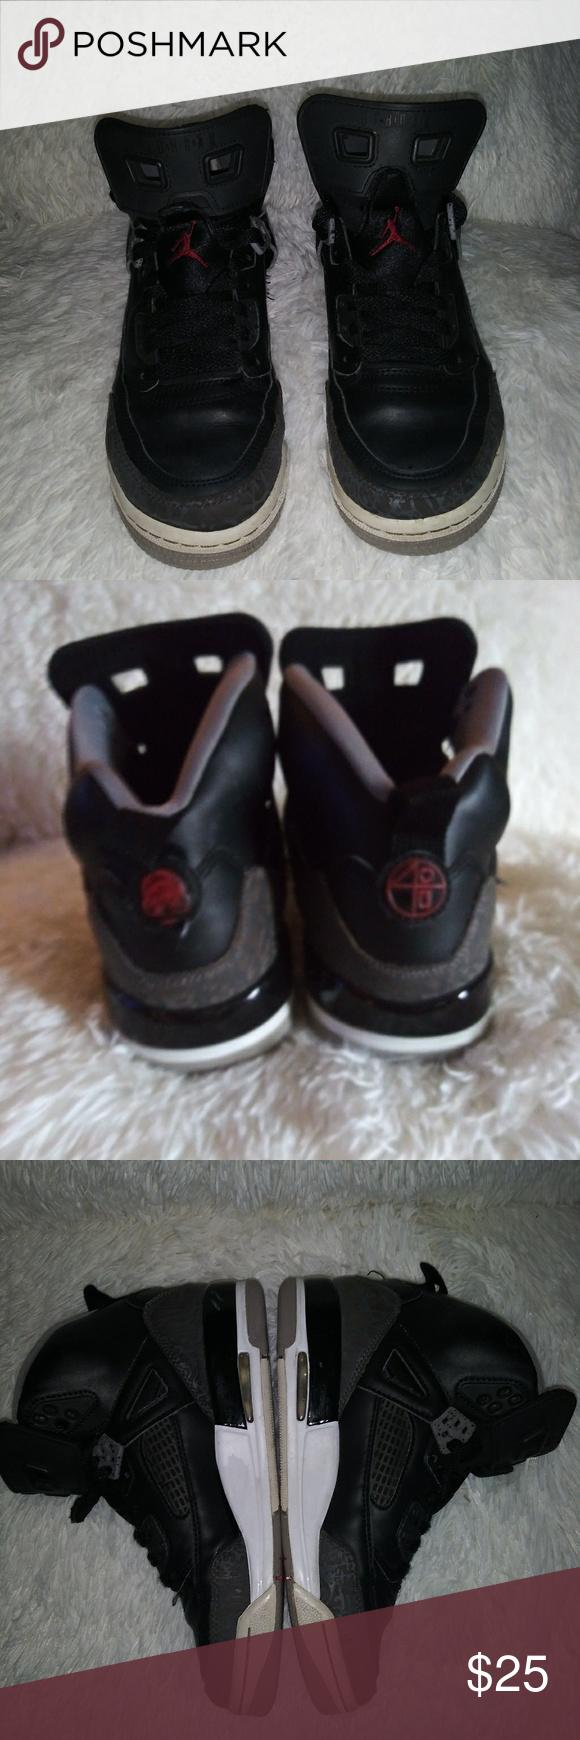 Air Jordan spizike sneakers size 5 youth Air jordans